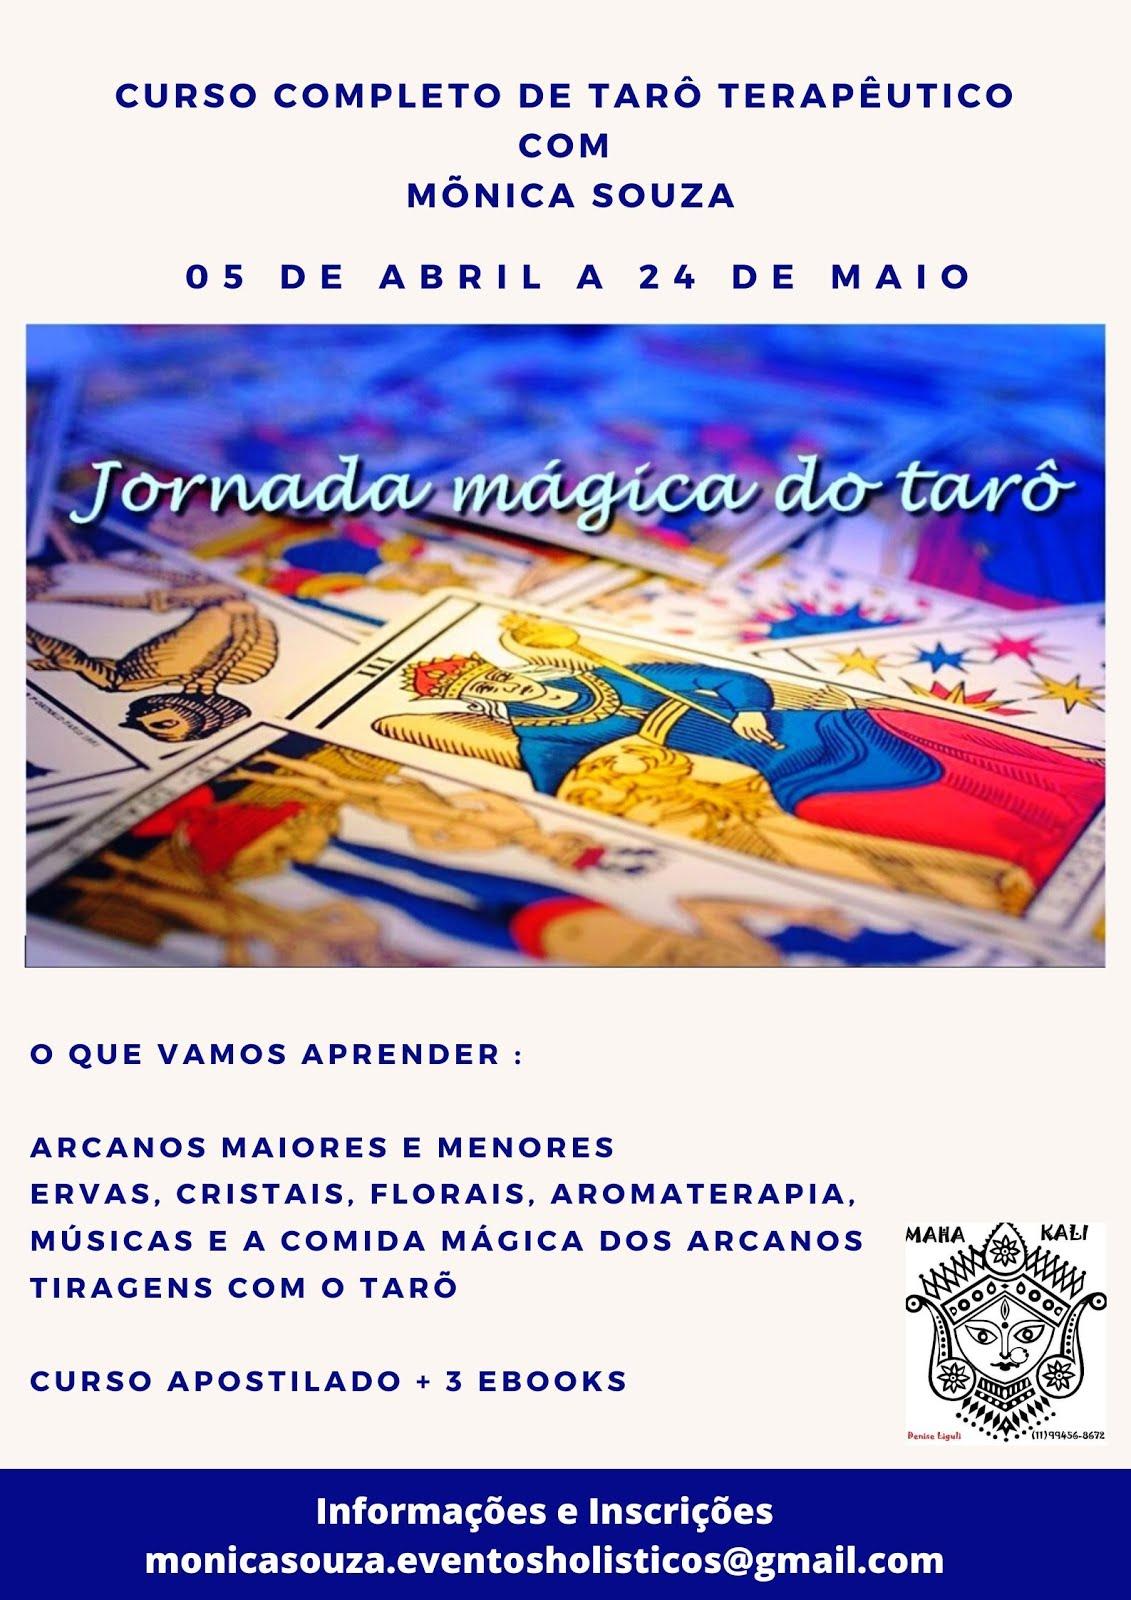 CURSO JORNADA MÁGICA DO TARÔ